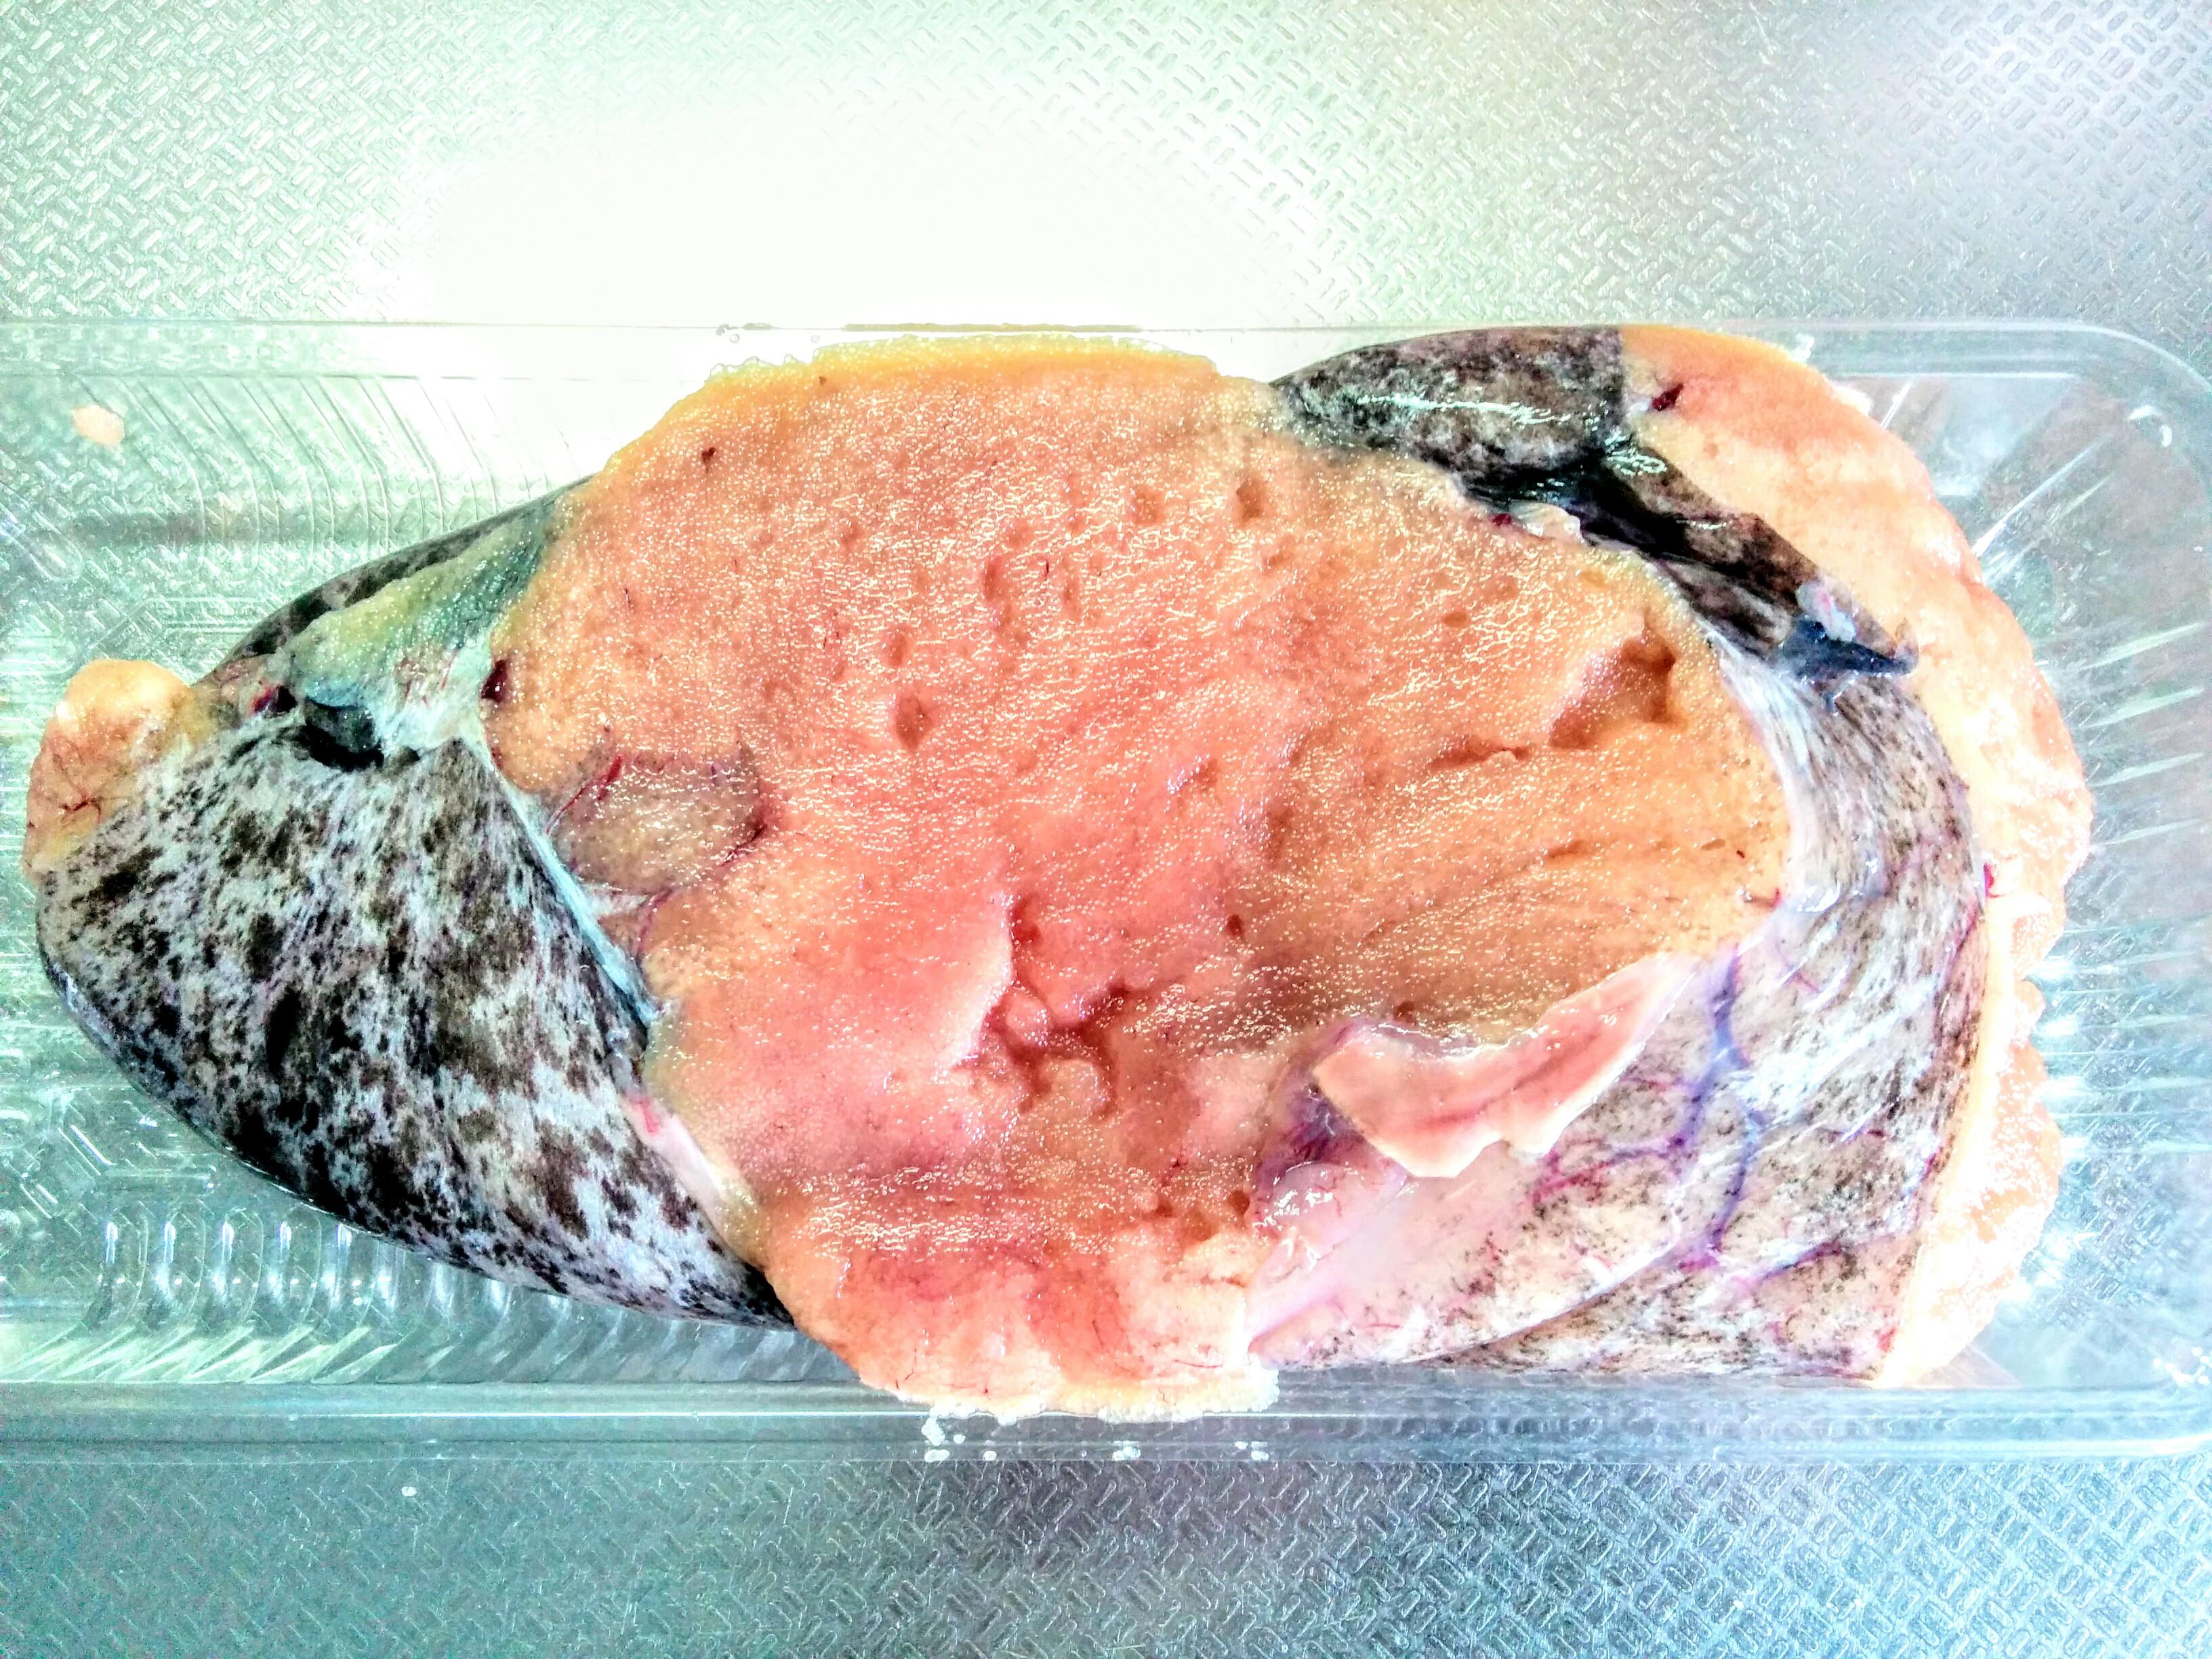 【余市】真鱈の子の醤油漬けの作り方グルメ案内です。